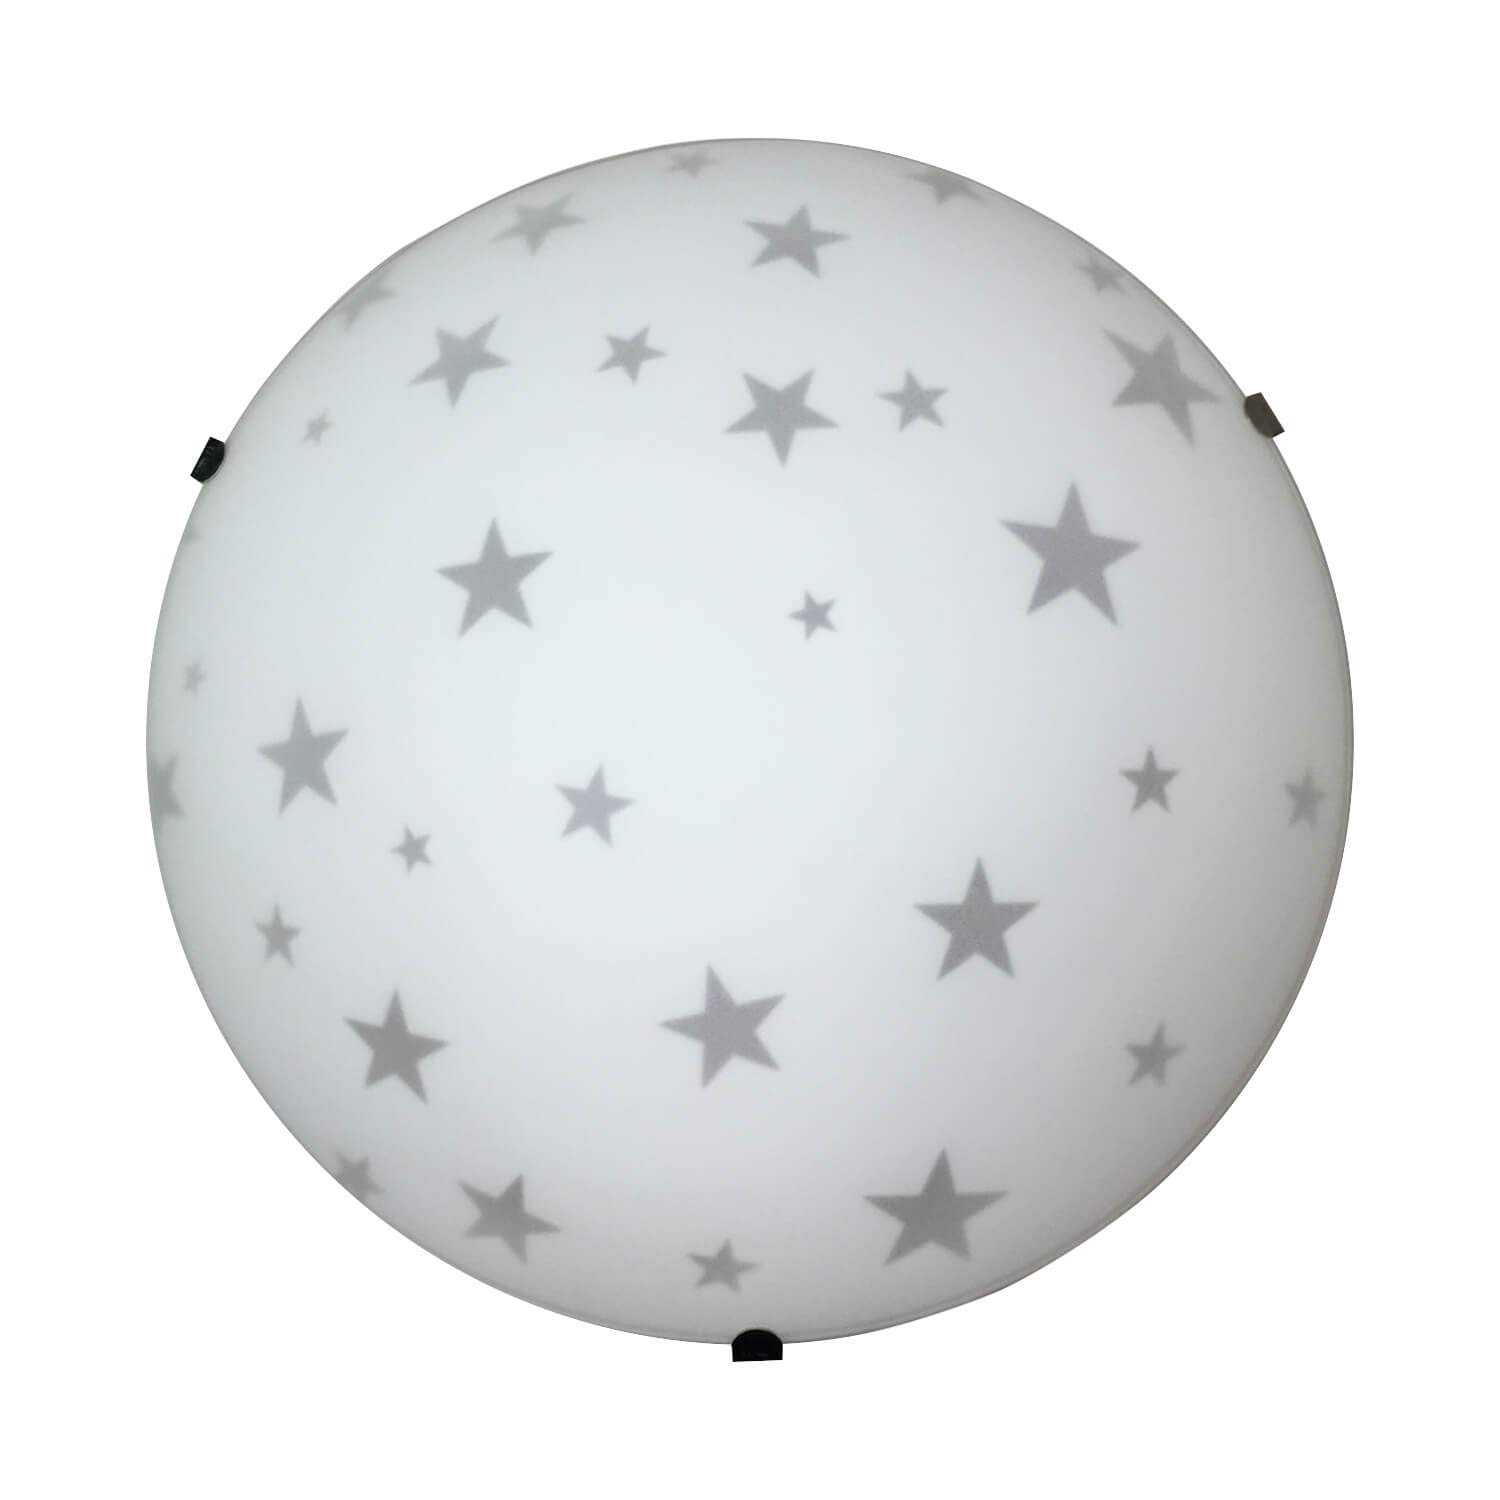 Plaf/ón de cristal satinado 25 cm de di/ámetro color blanco decoraci/ón con estrellas Onli